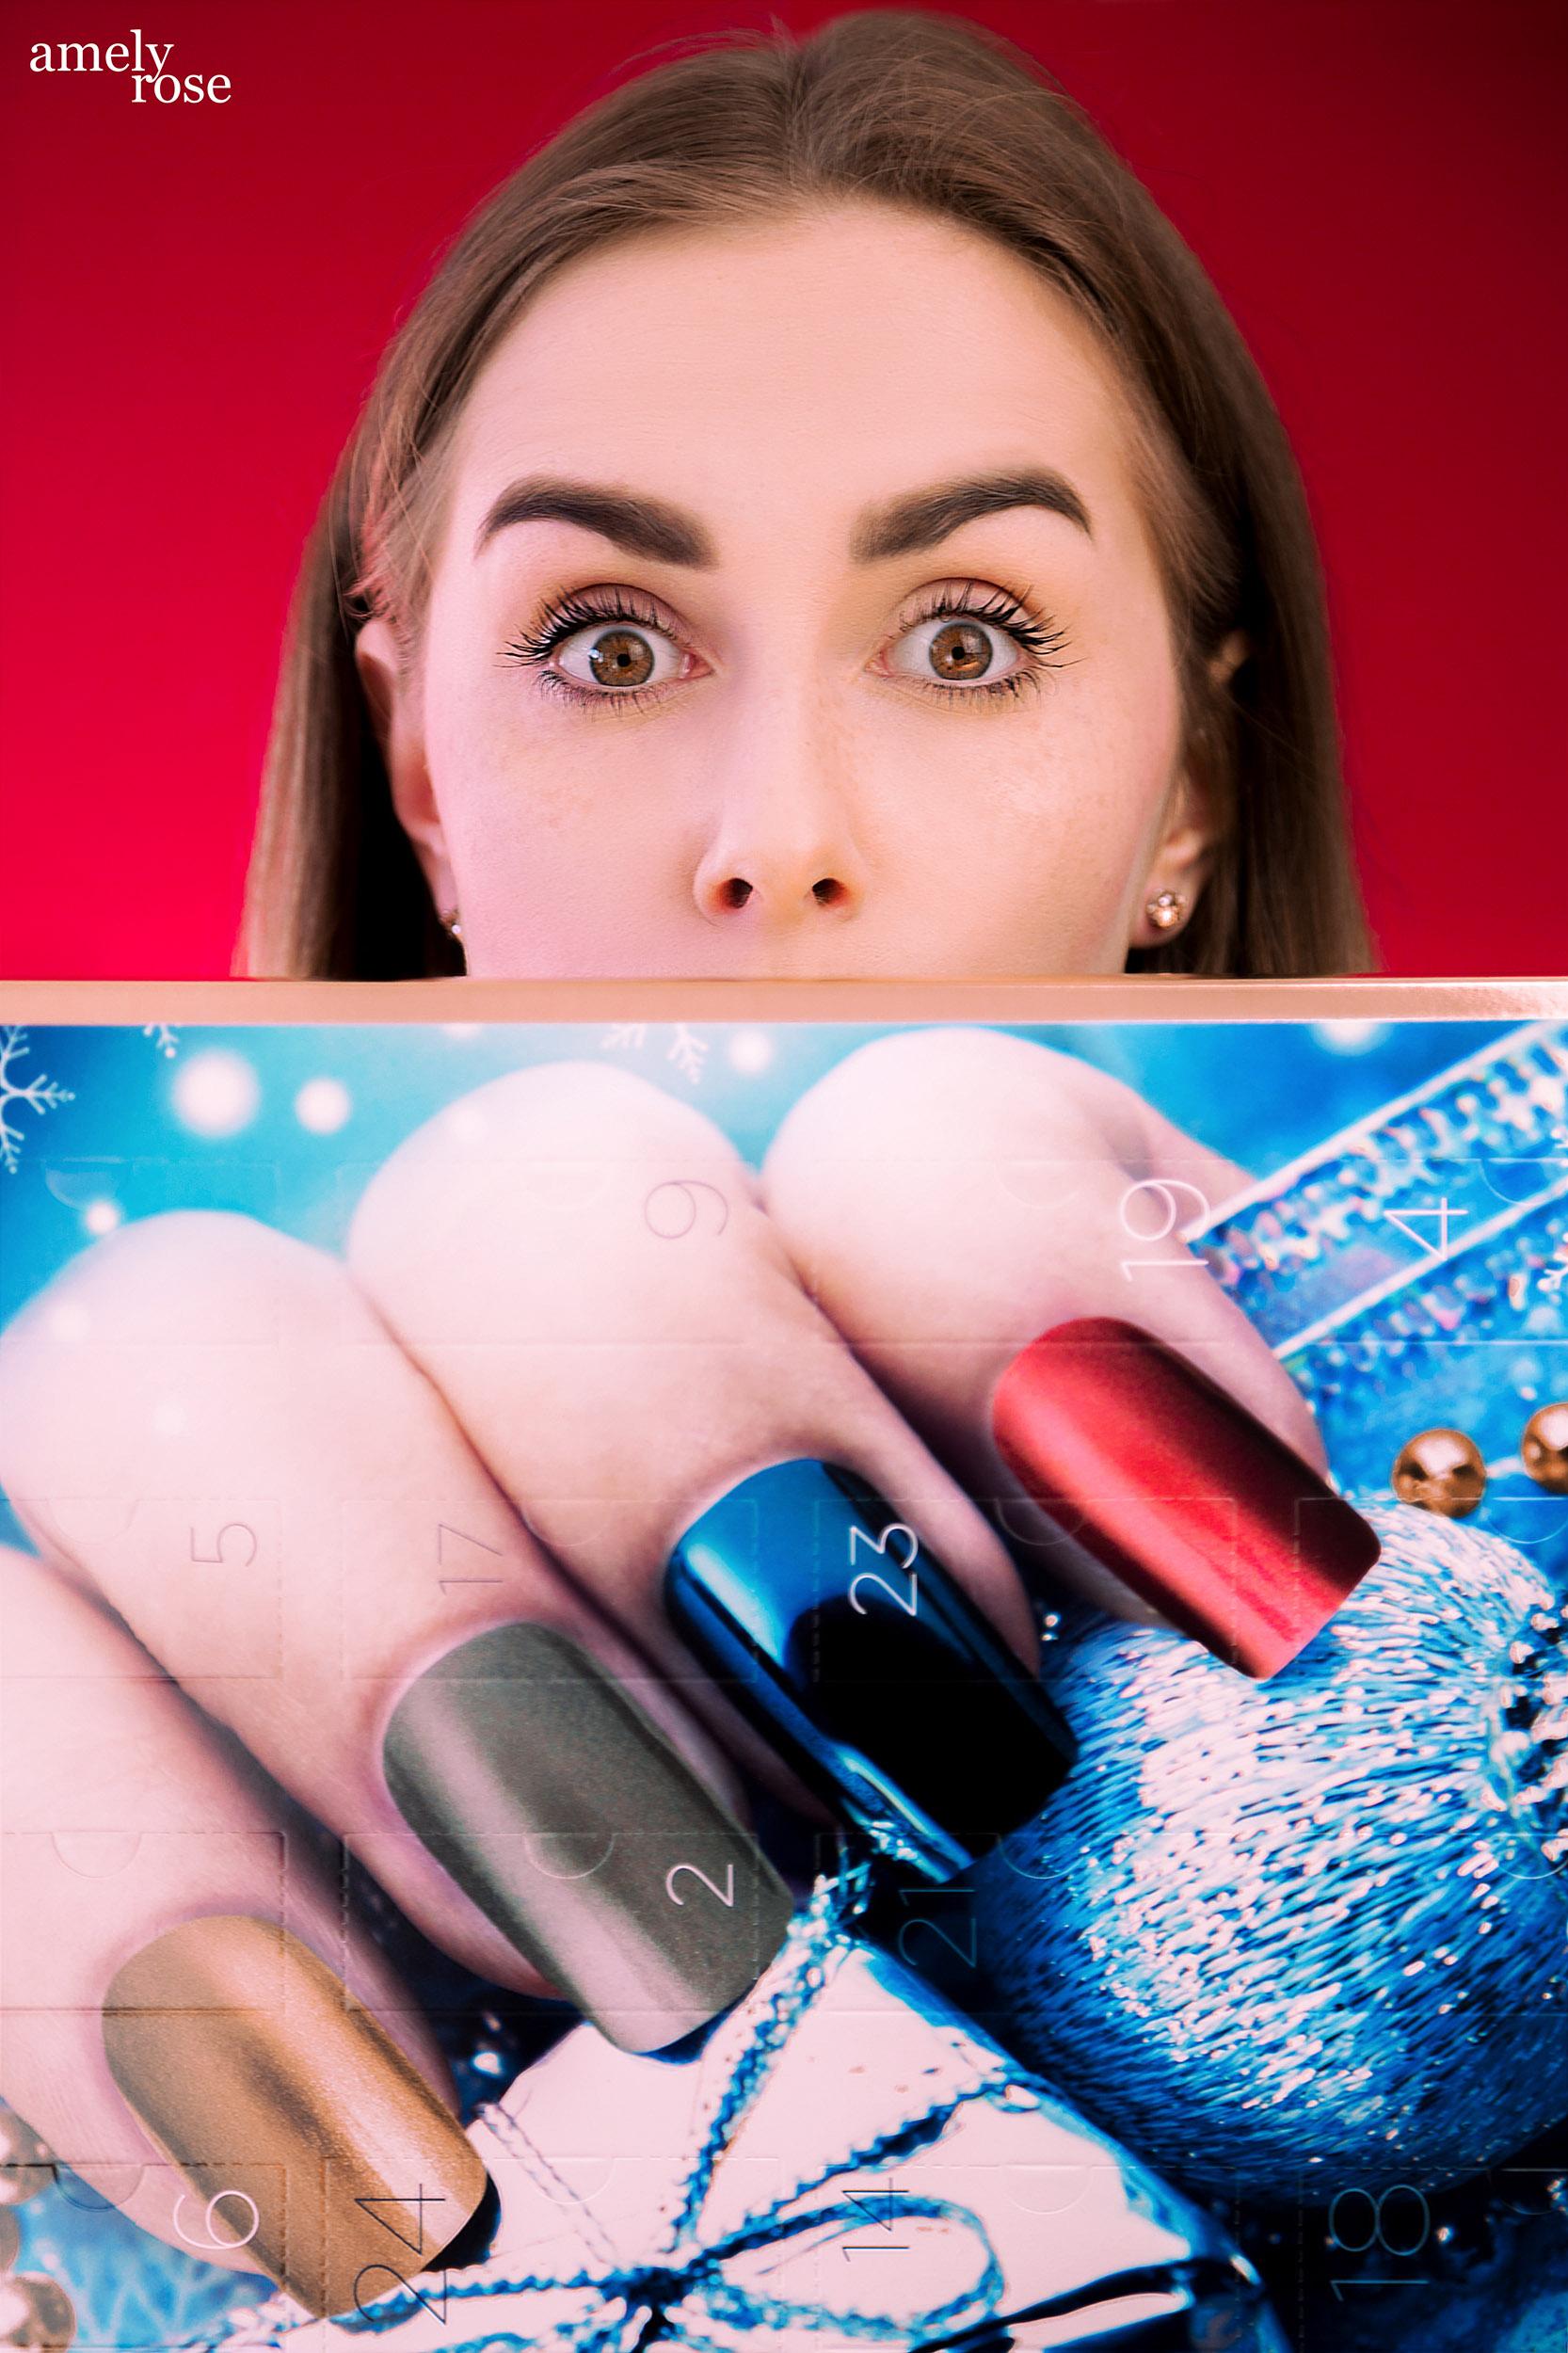 Amely Rose, german influencer und deutscher fashionblog zeigt die dobner adventskalender gefüllt mit kosmetik